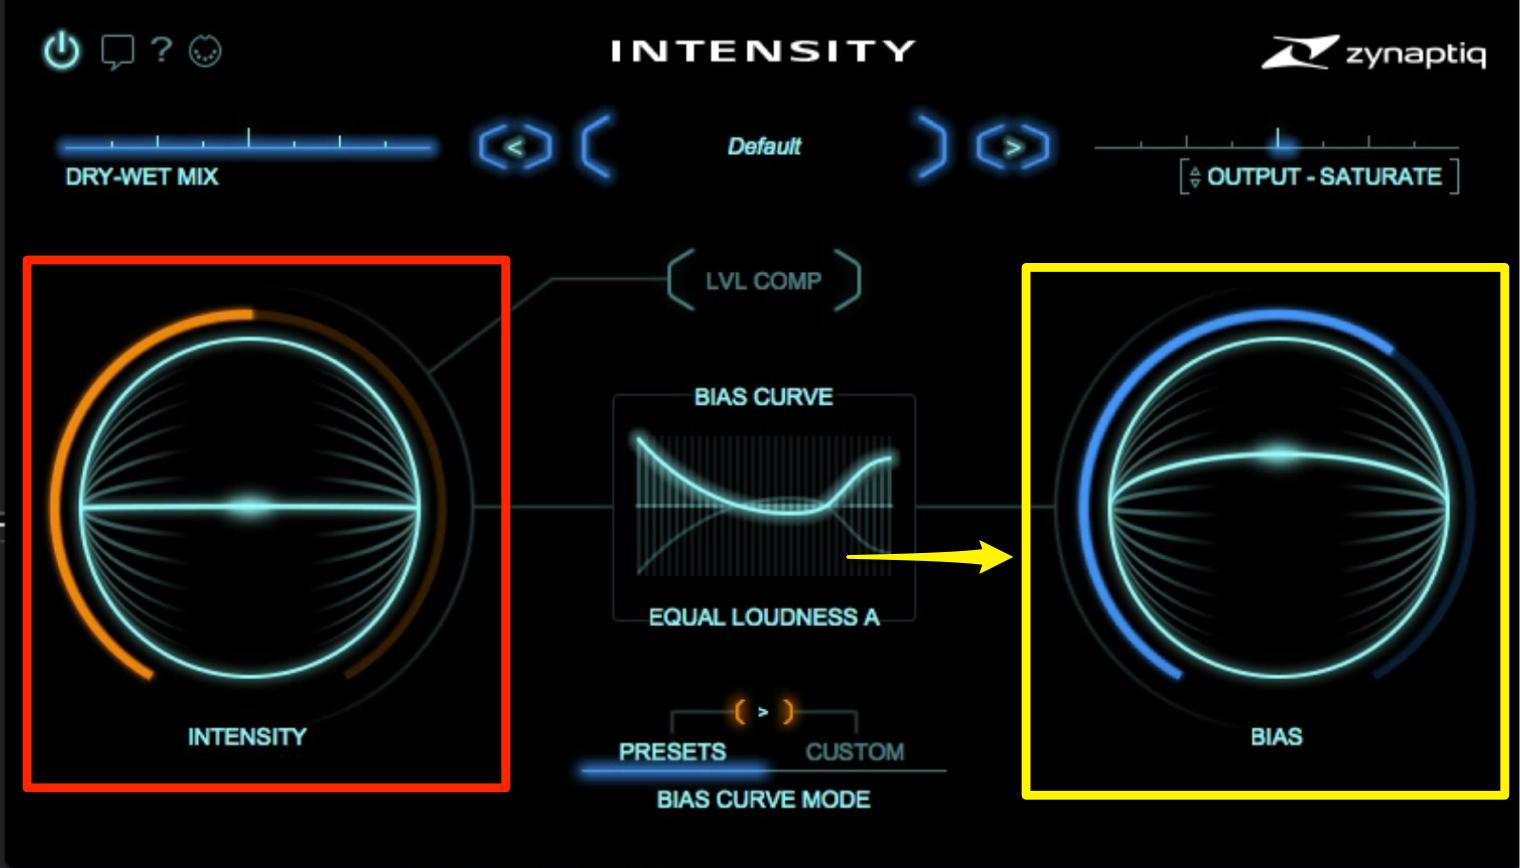 Intensity BIAS